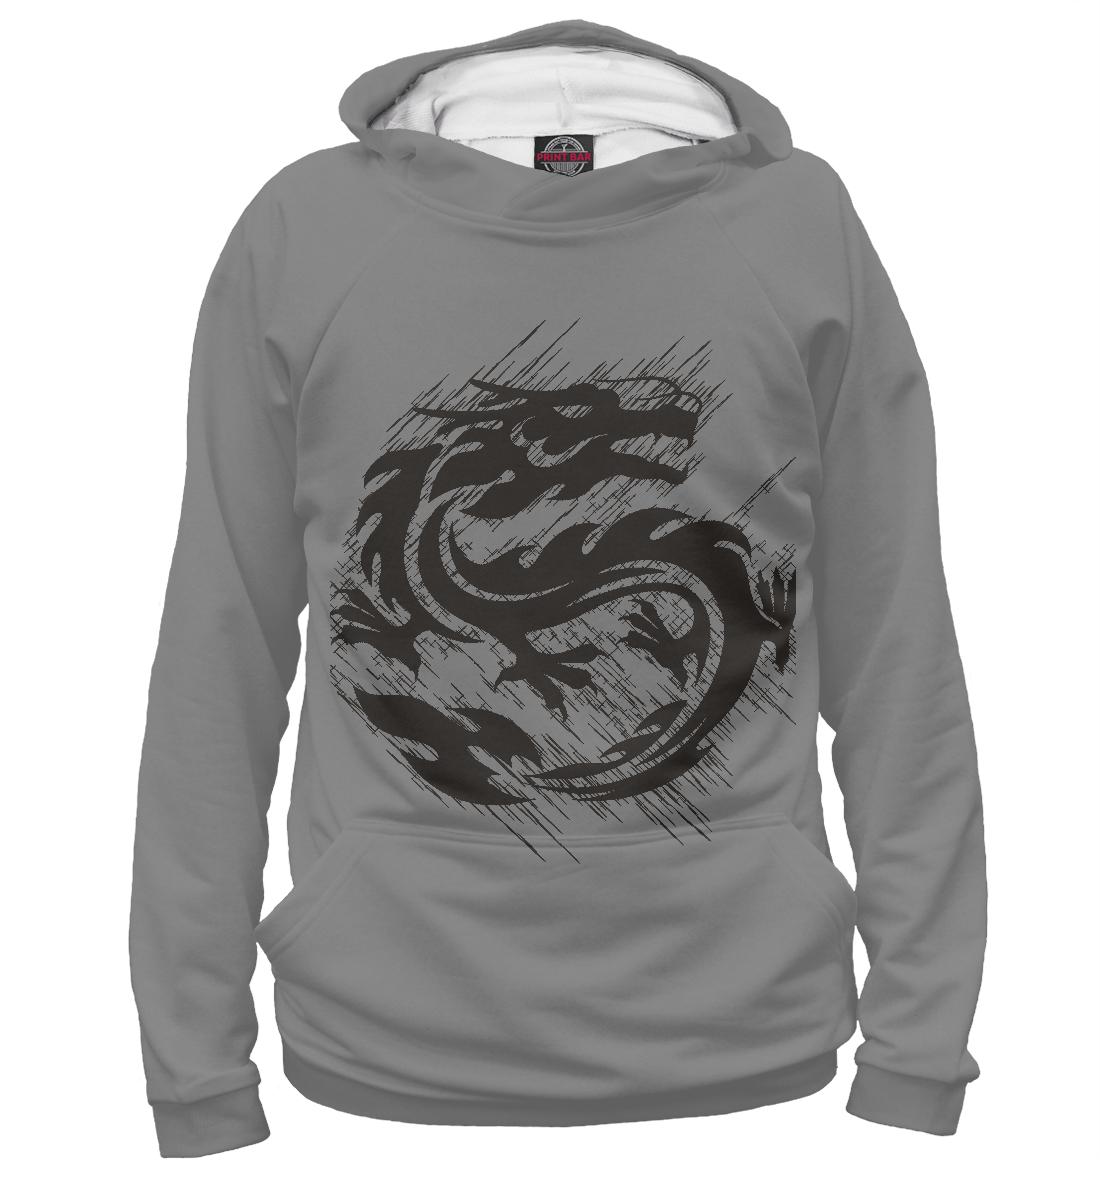 Купить Драконы, Printbar, Худи, DRA-754851-hud-2